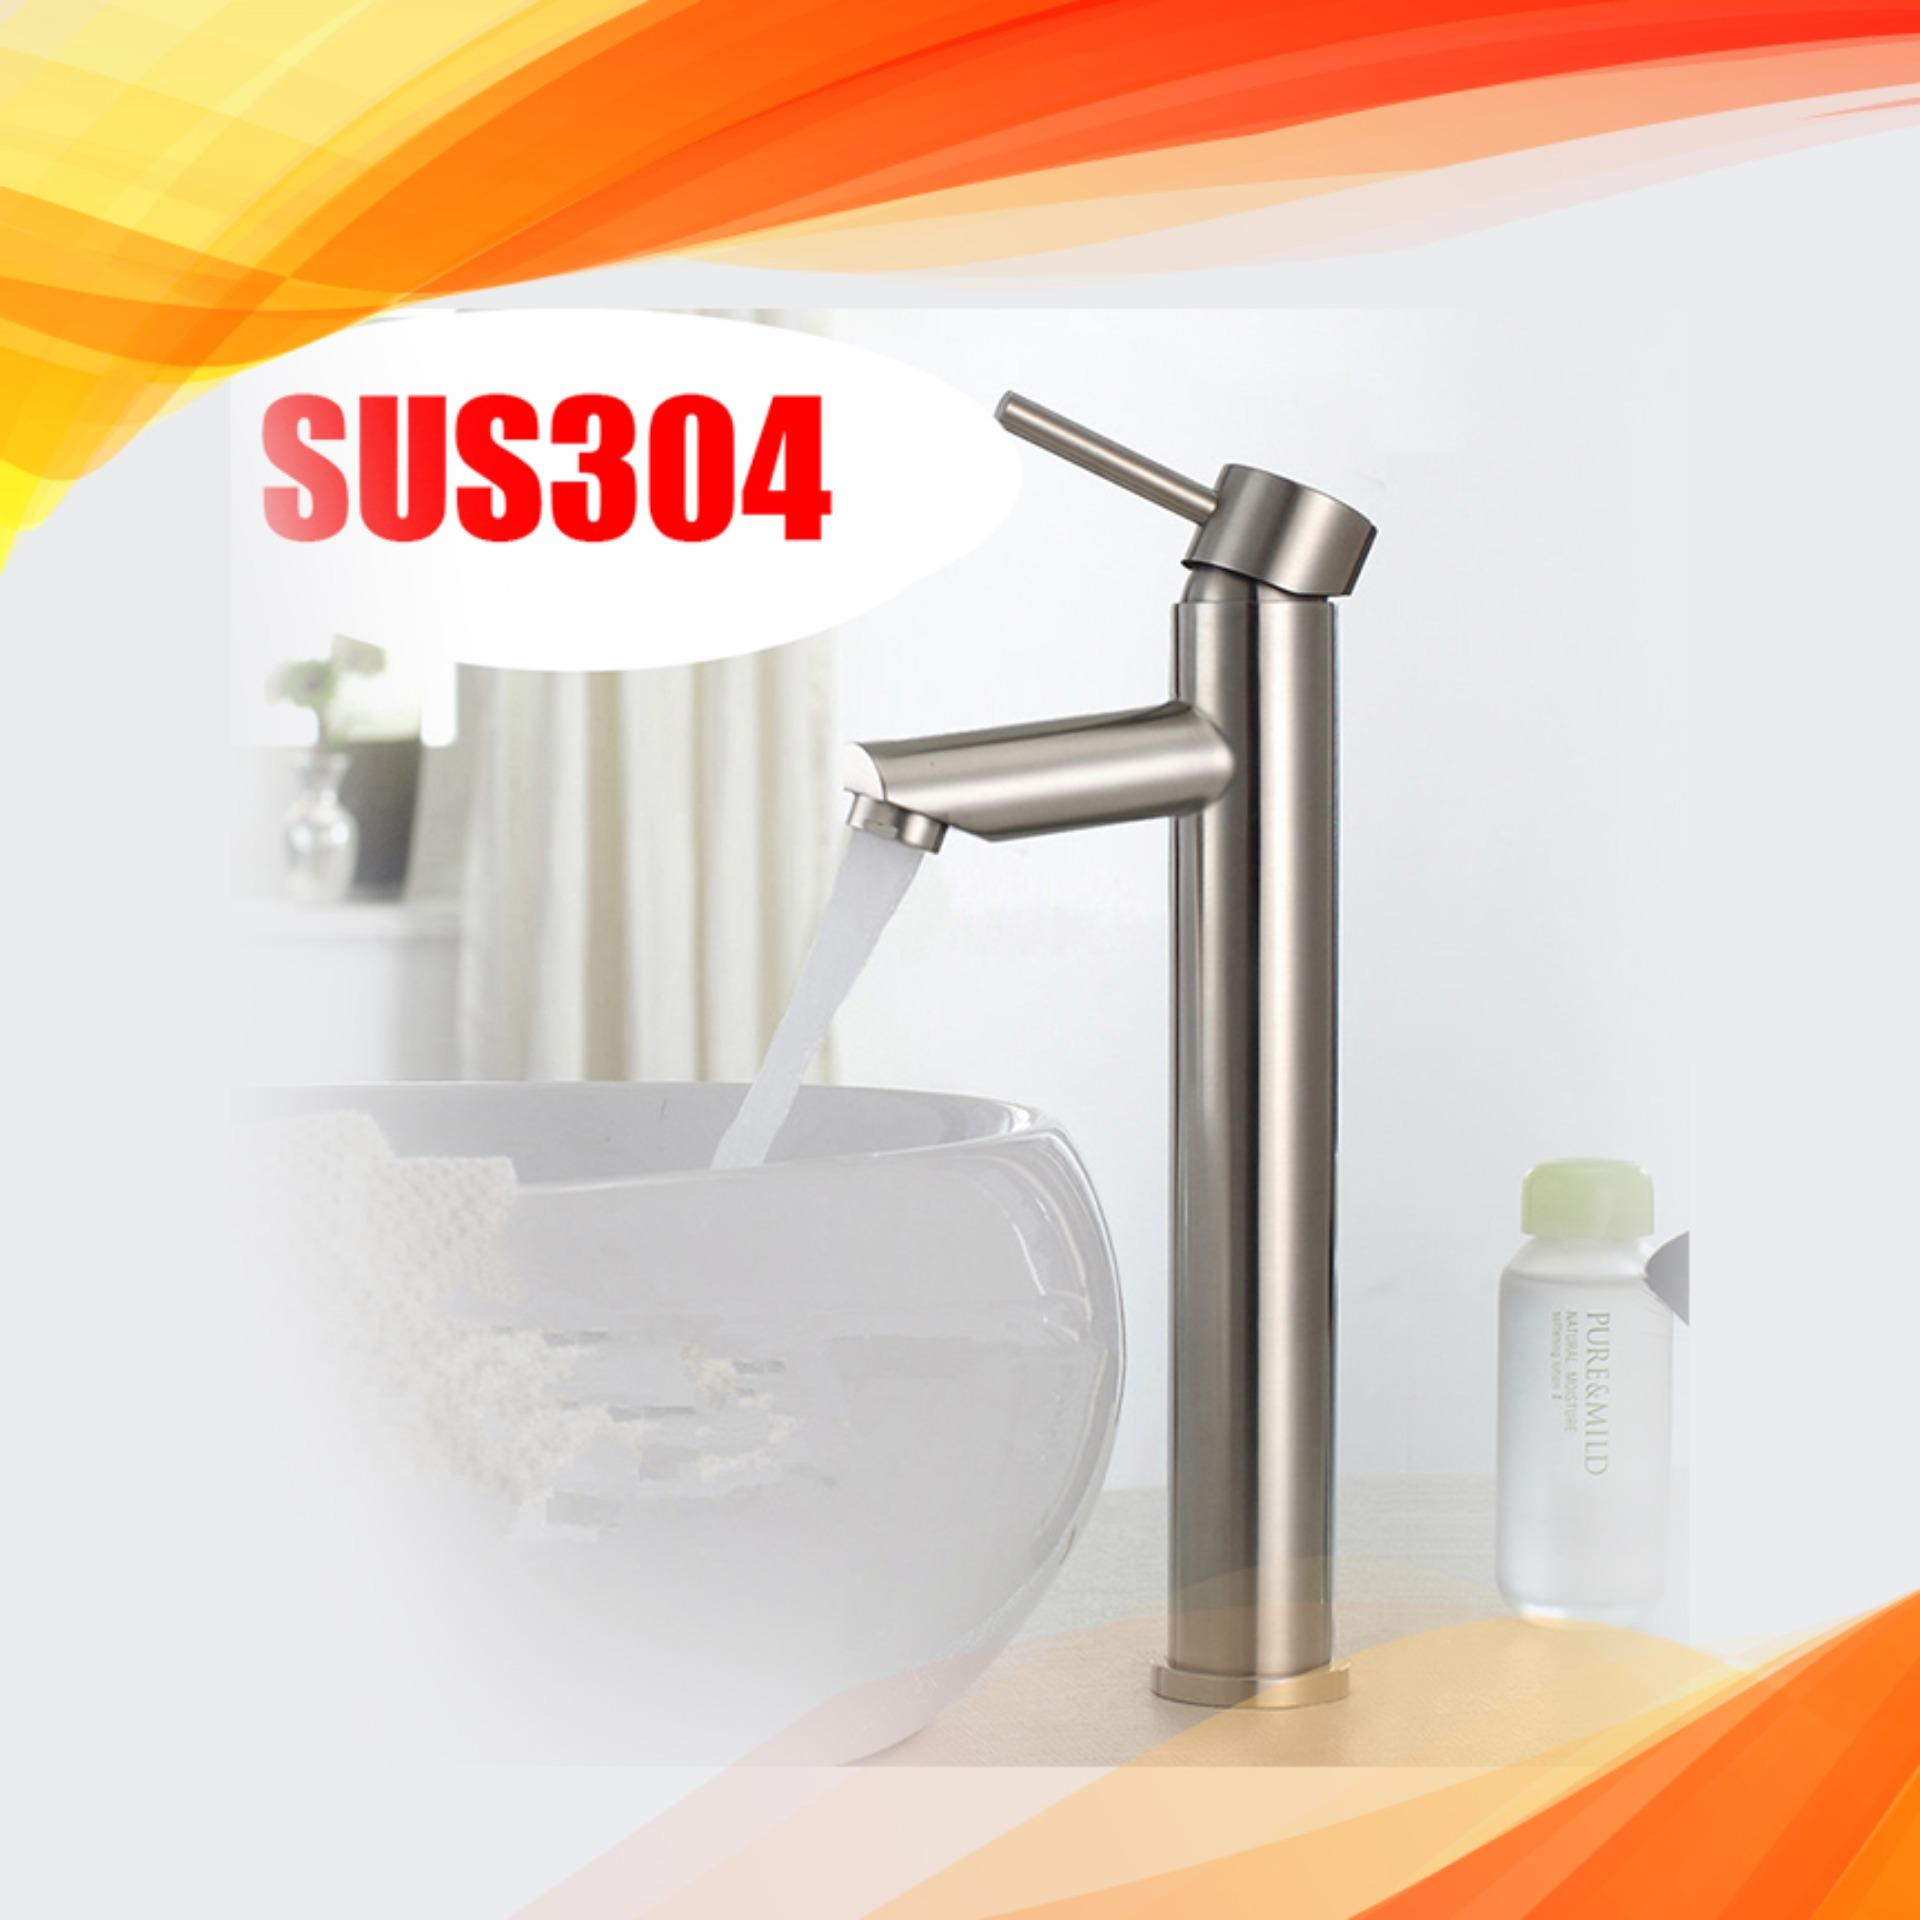 Bộ vòi chậu rửa mặt nóng lạnh JIKAS JK-5015